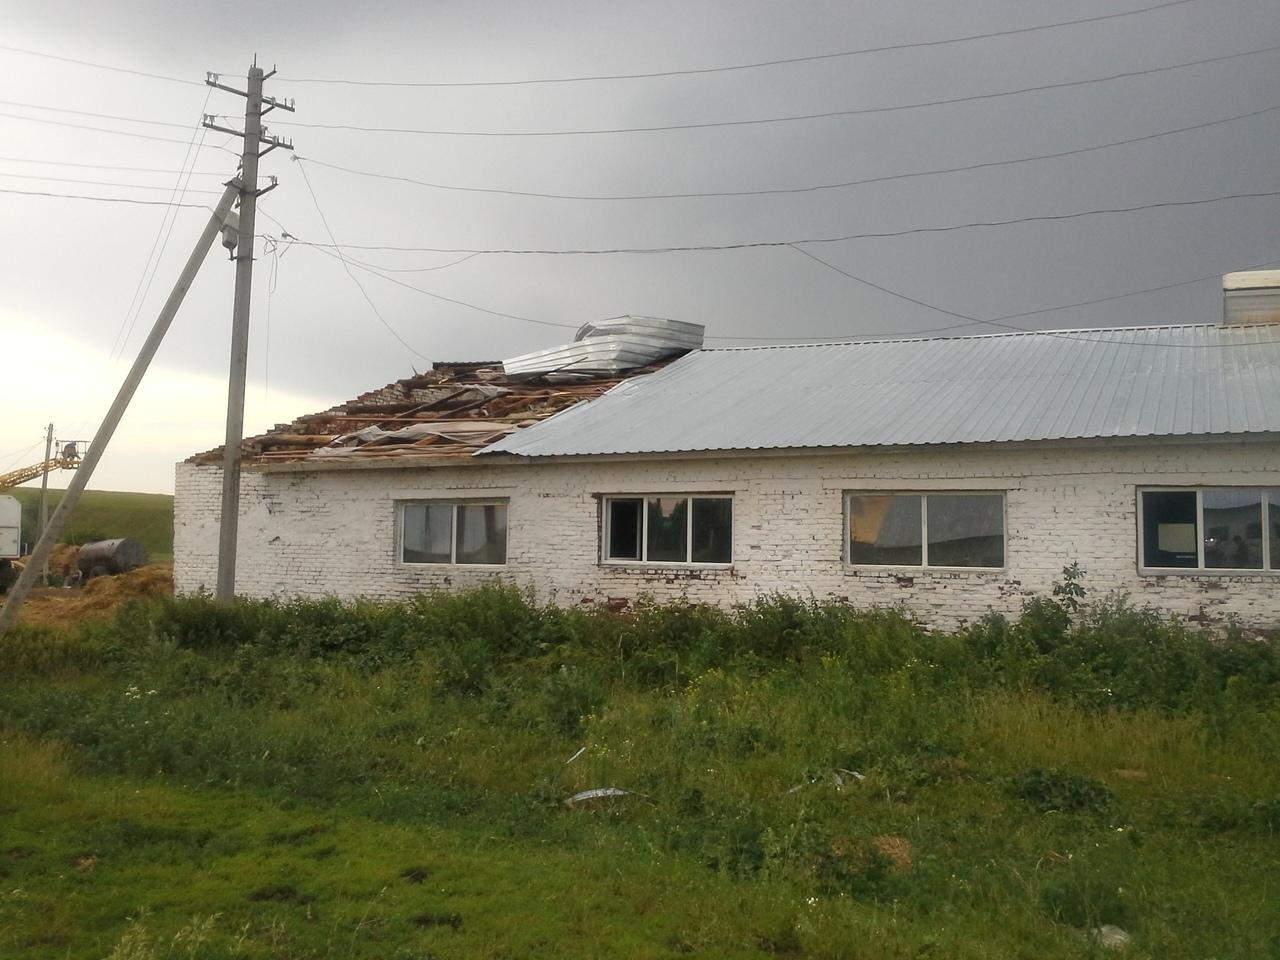 Последствия урагана: на ферме Татарстана от удара тока погибли 57 коров (ФОТО)